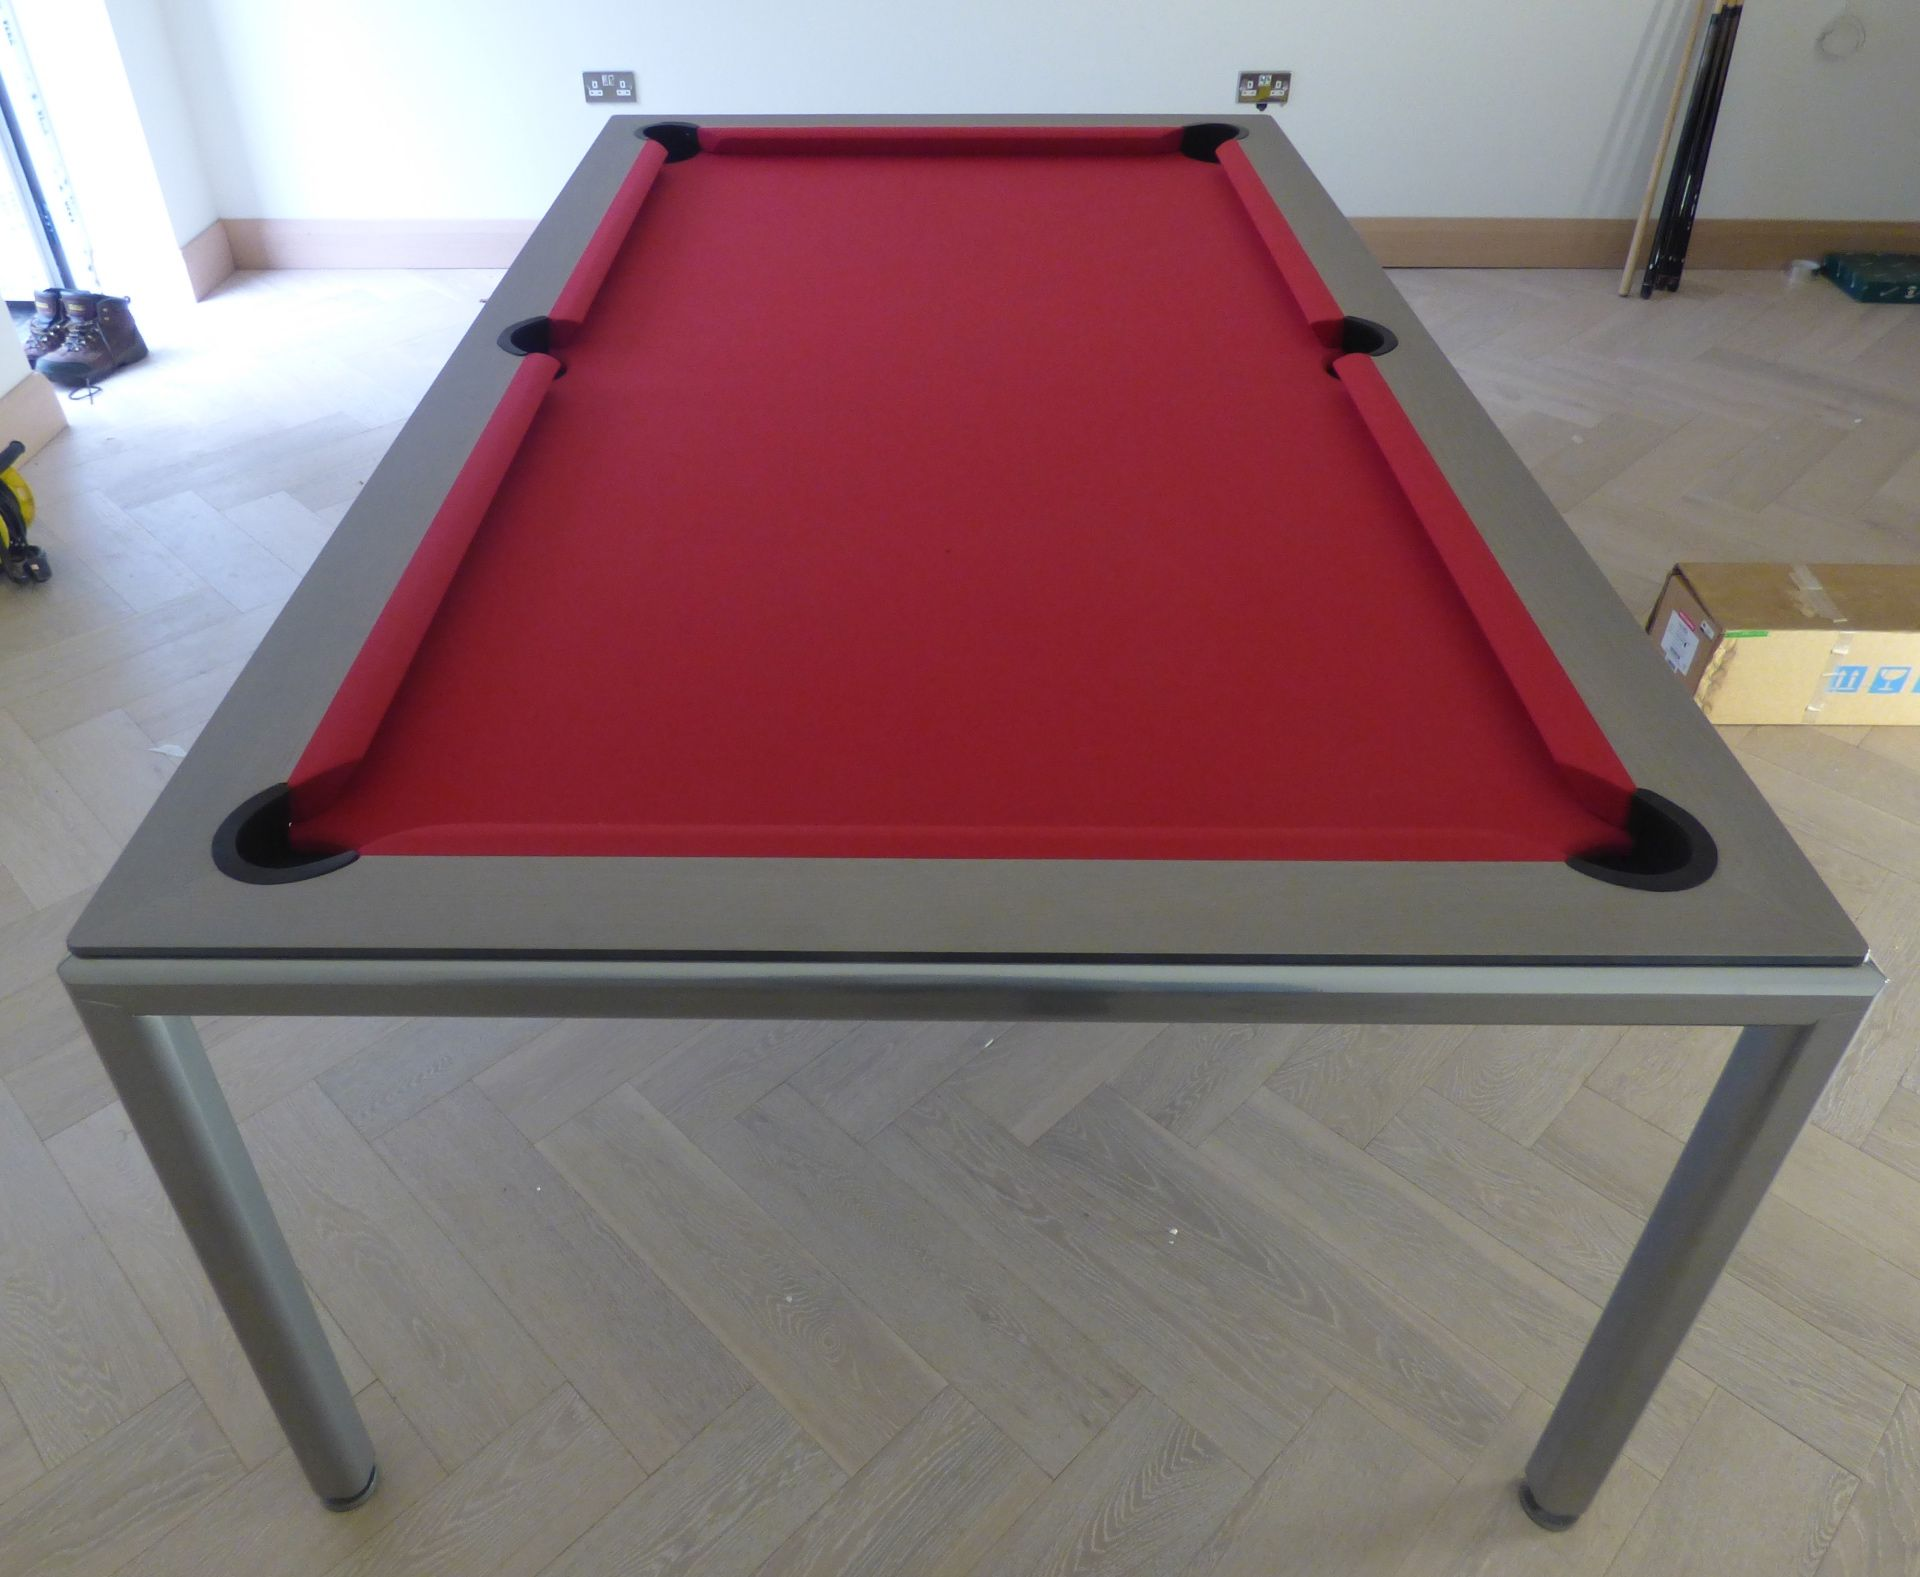 Slimline Pool Table Luxury Pool Tables Pool Dining Table